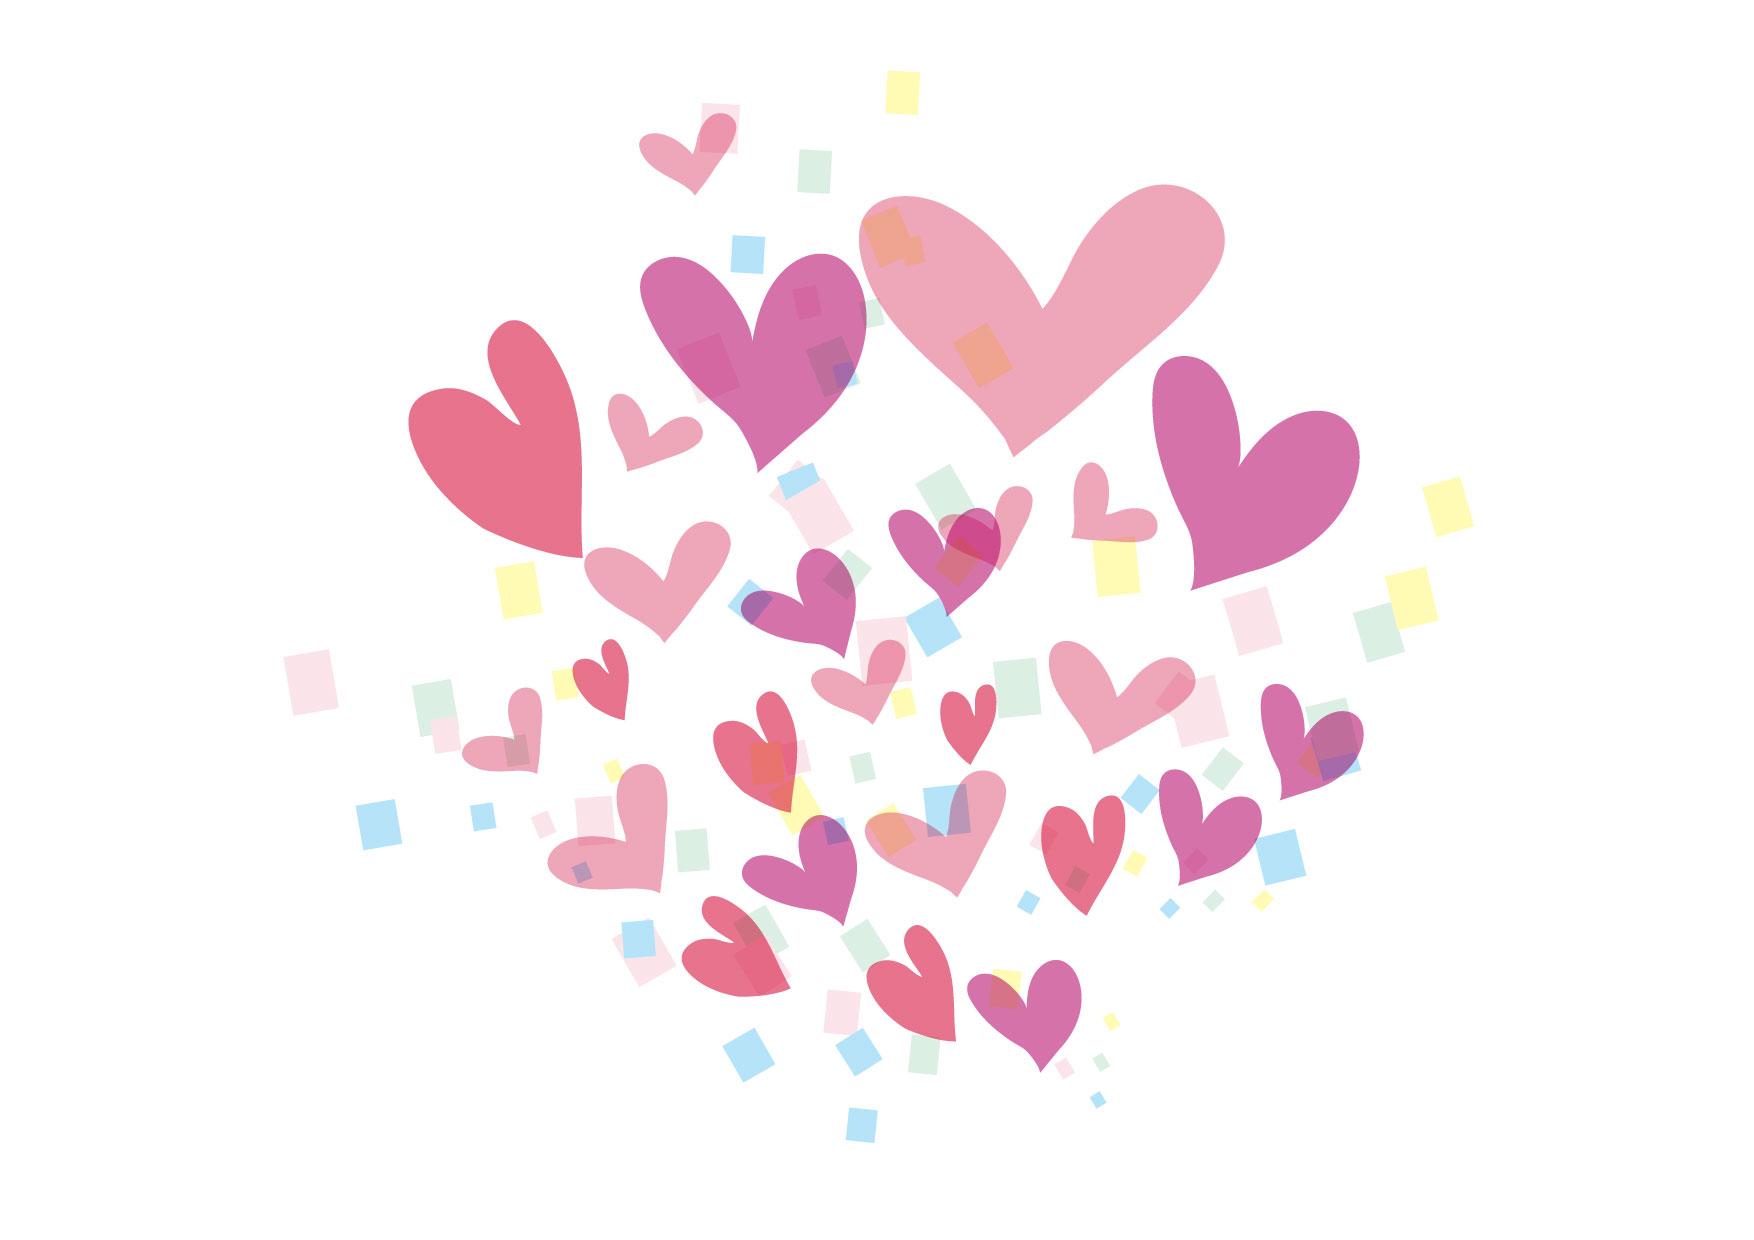 可愛いイラスト無料|ハート 紙吹雪 − free illustration Heart confetti